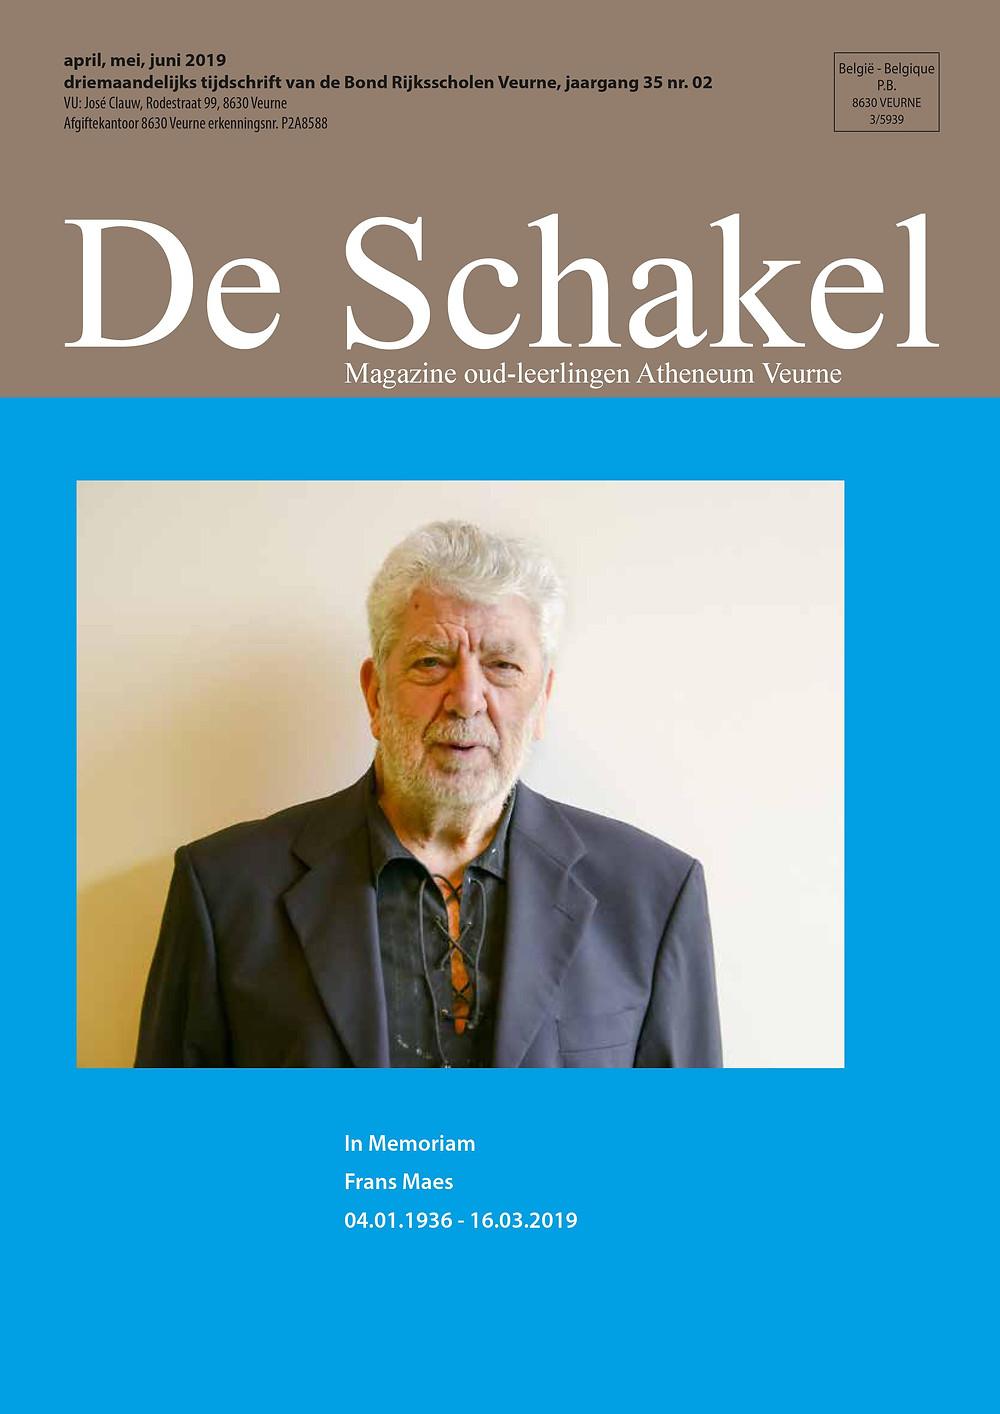 De Schakel, maart 2019, cover